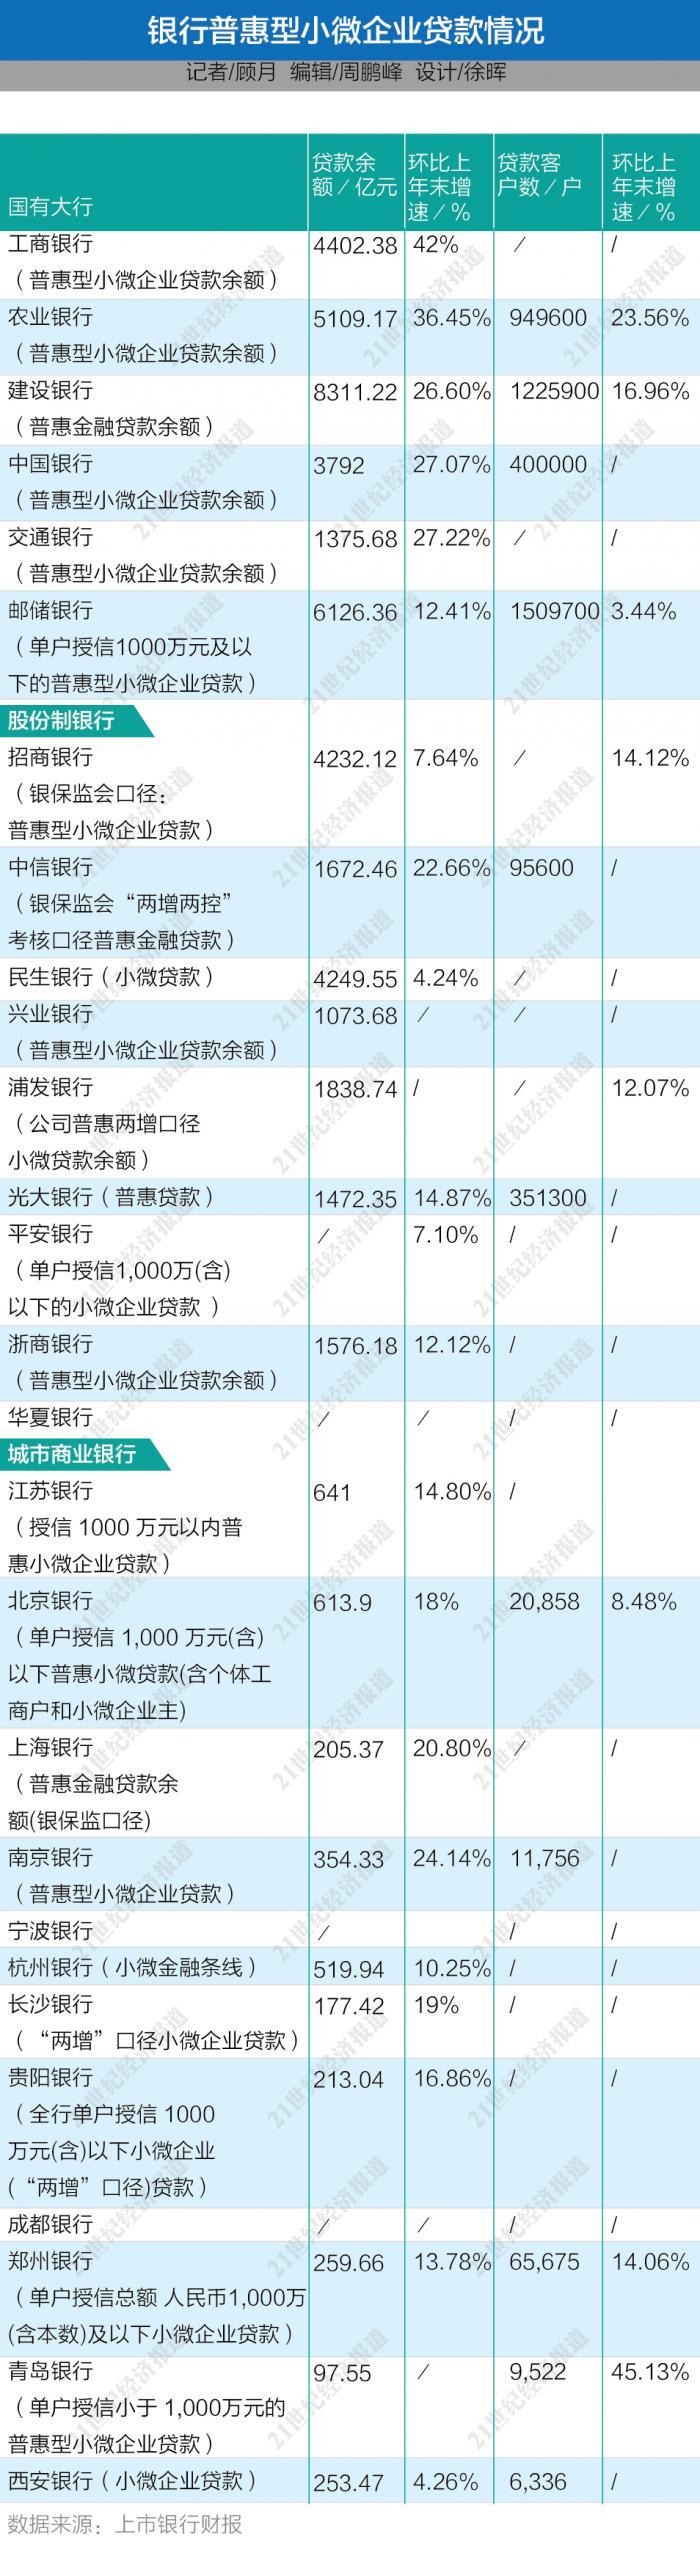 博彩全讯网送白菜-青花郎·瓶贮年份酒金融产品正式上线中国酒交中心 上市即告售罄涨停